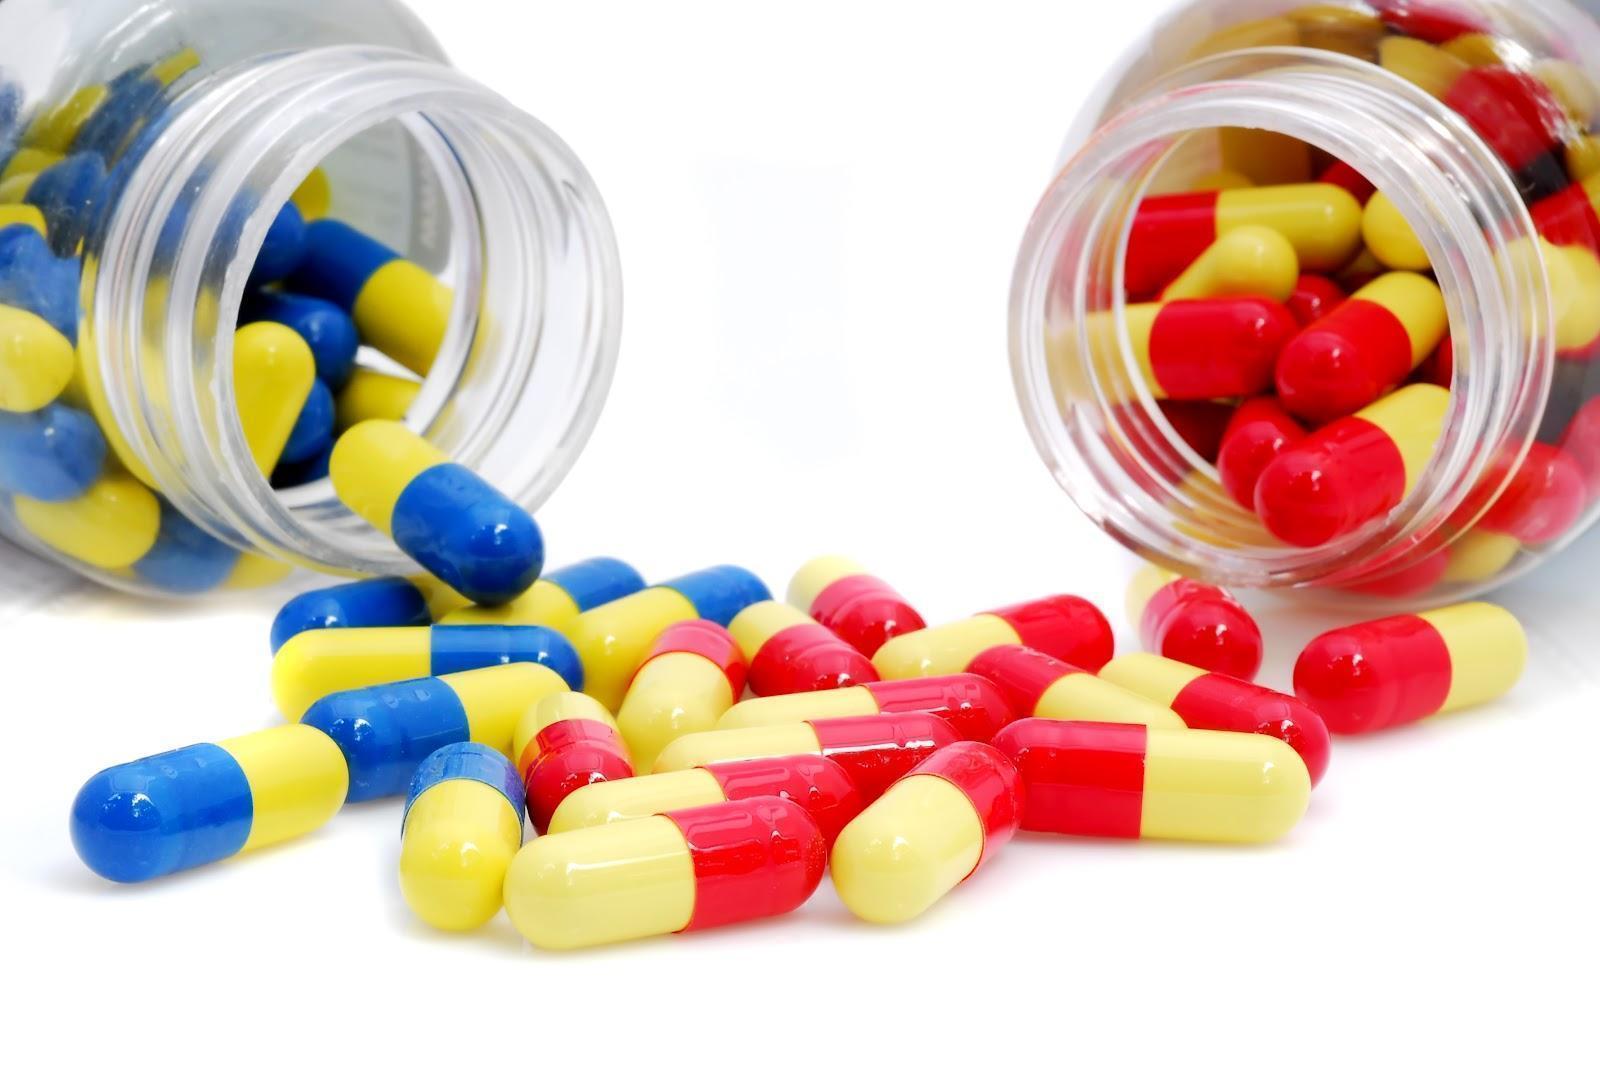 Metoclopramida (Oral)